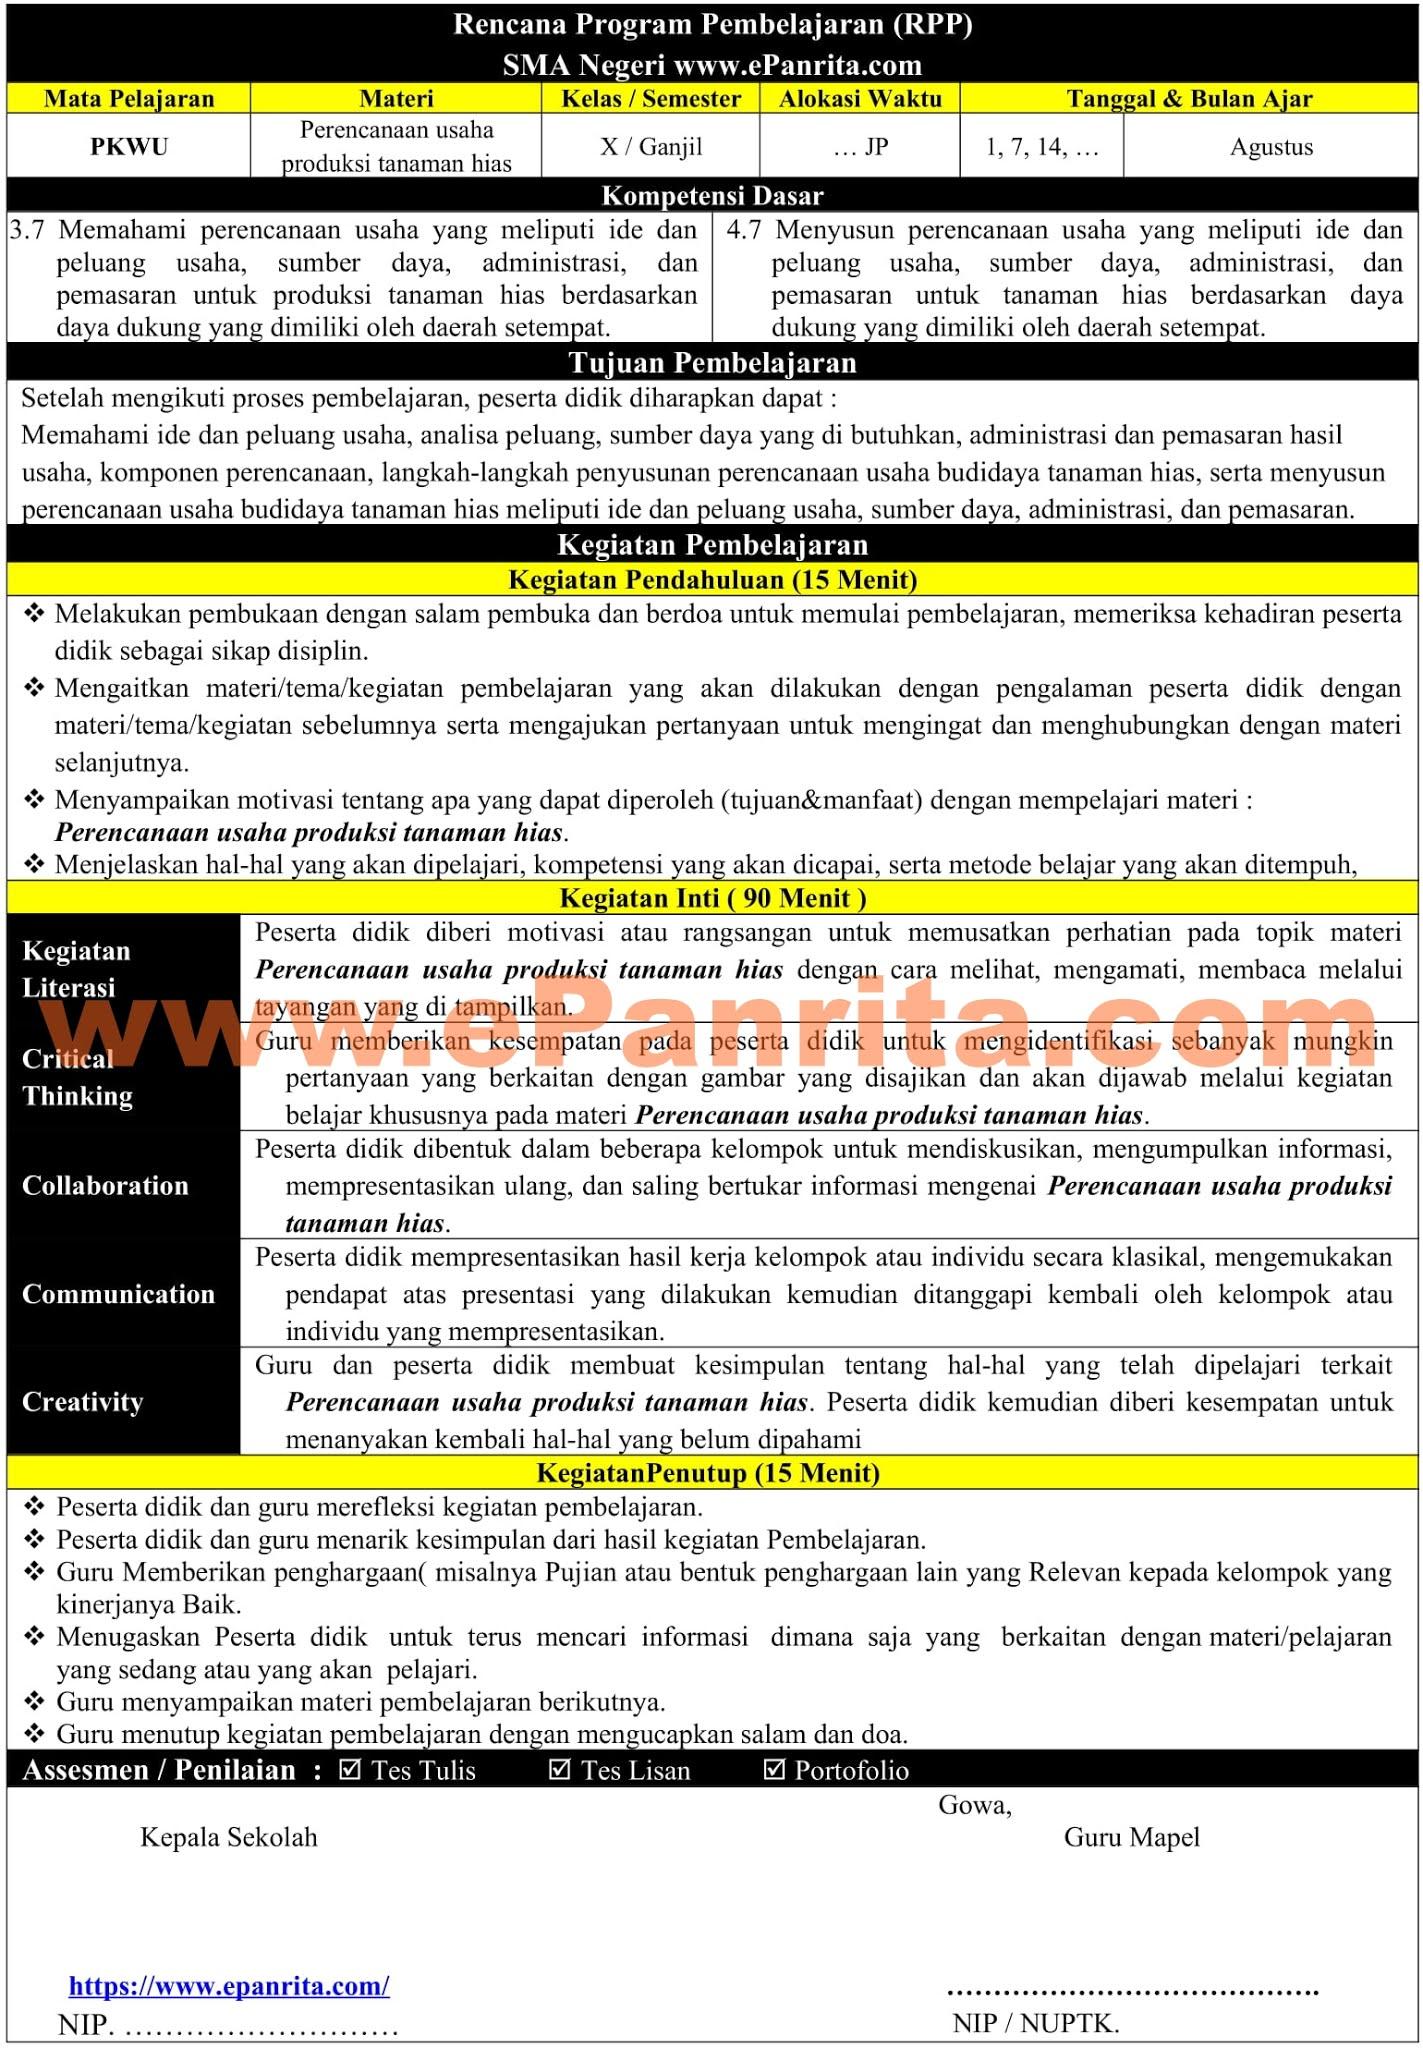 RPP 1 Halaman Prakarya Aspek Budidaya (Perencanaan usaha produksi tanaman hias)